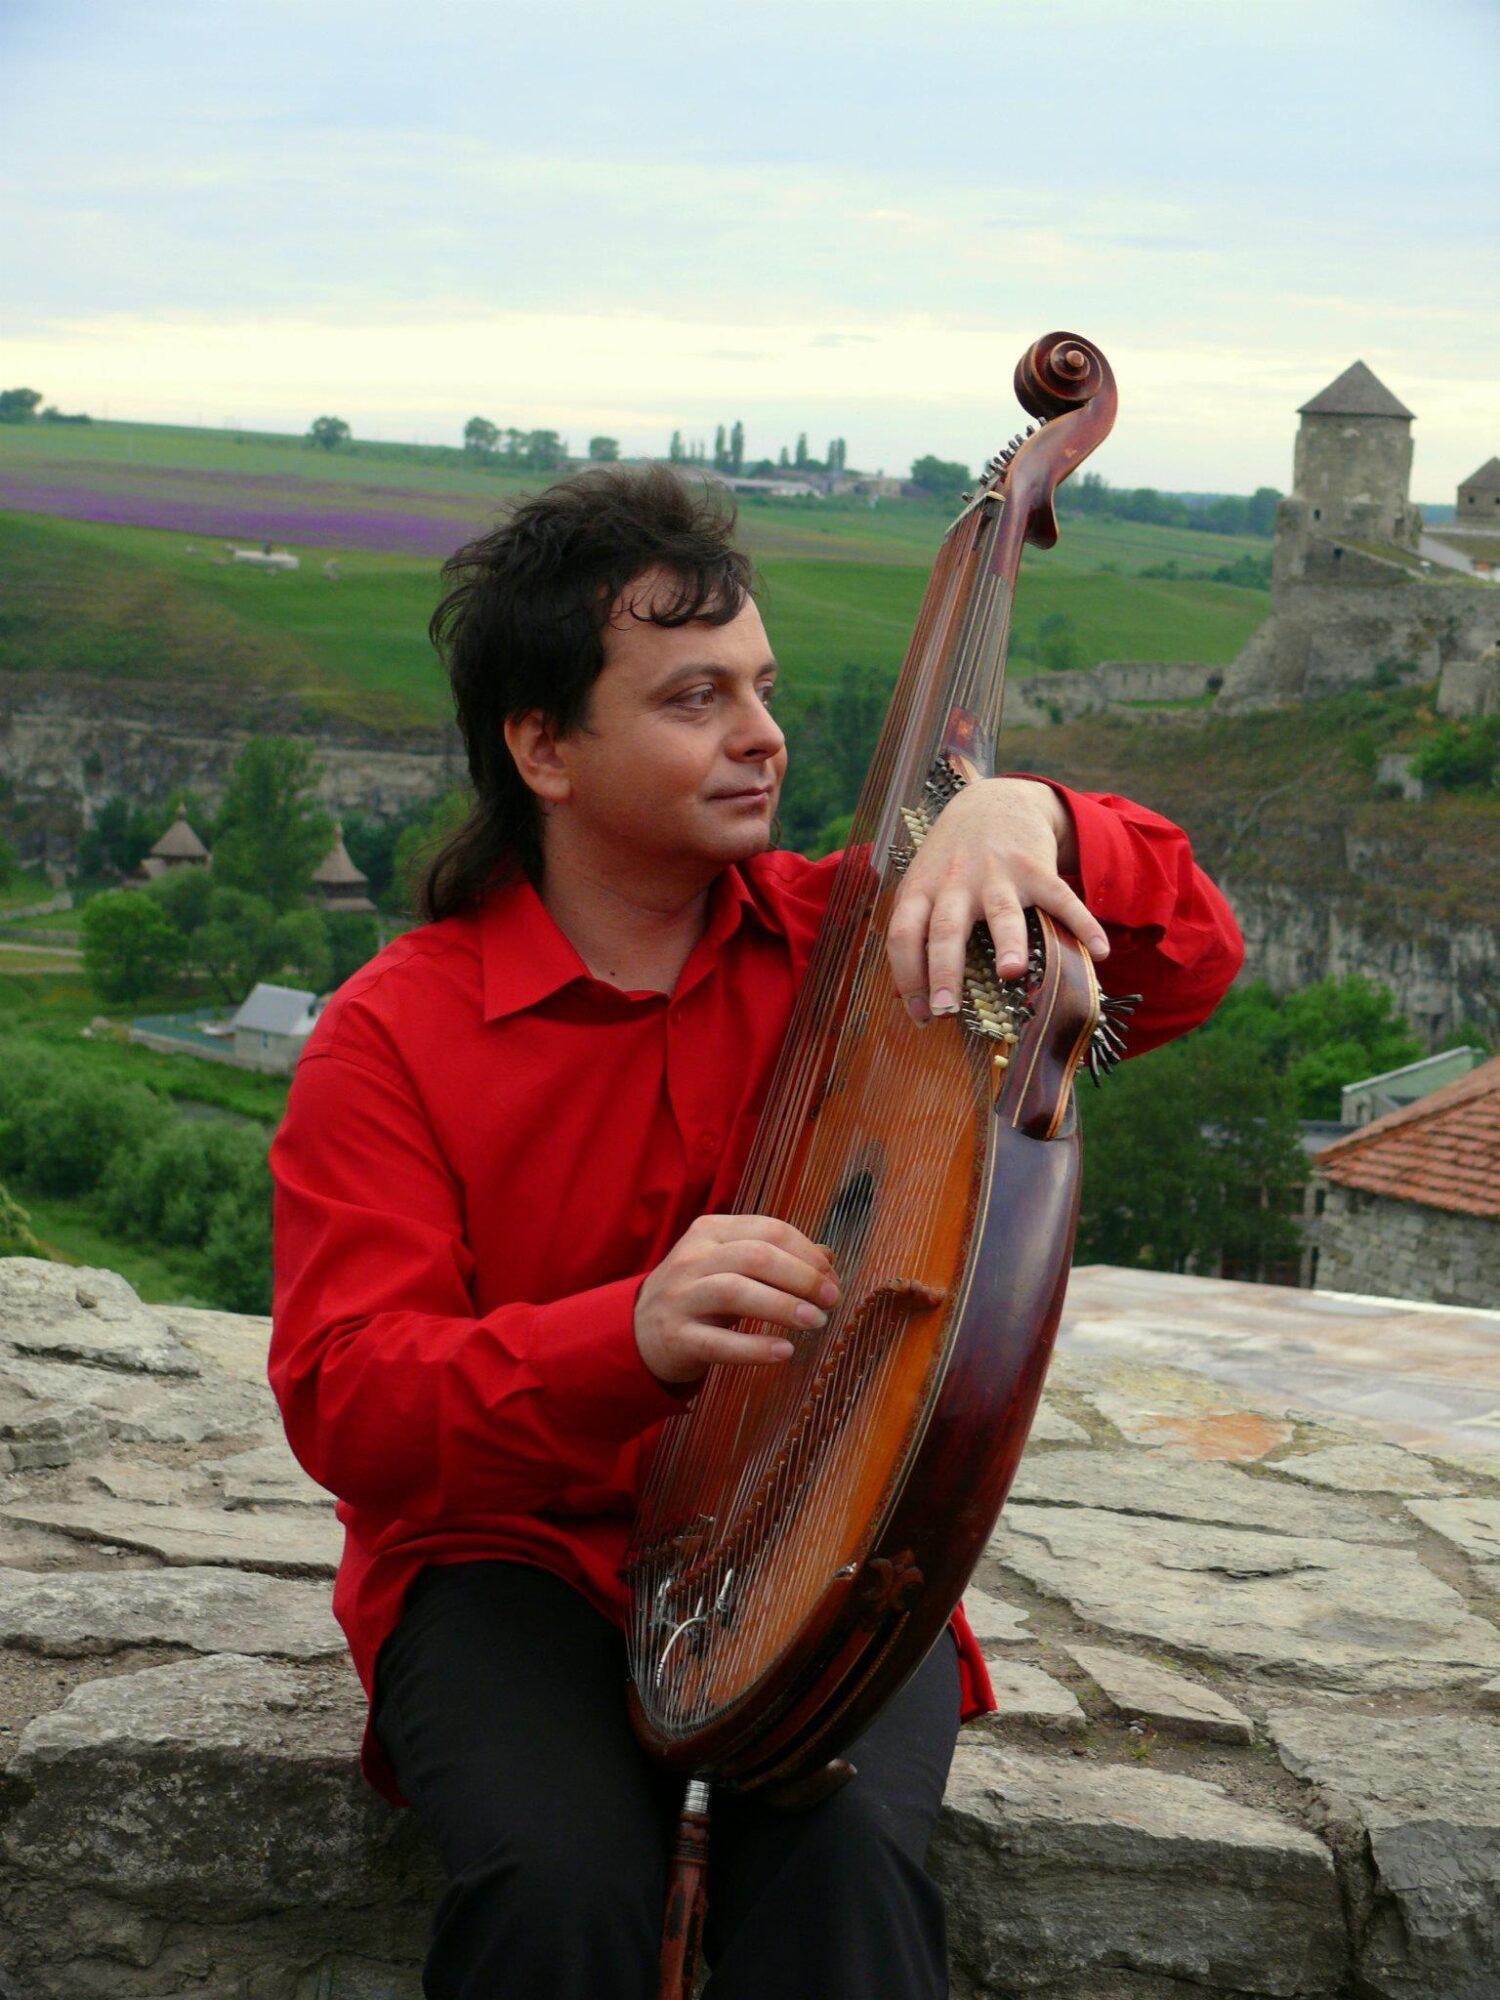 В Обухові виступить всесвітньовідомий бандурист - народний артист України, концерт, бандура - 209611 471551939530670 602607271 o 1500x2000